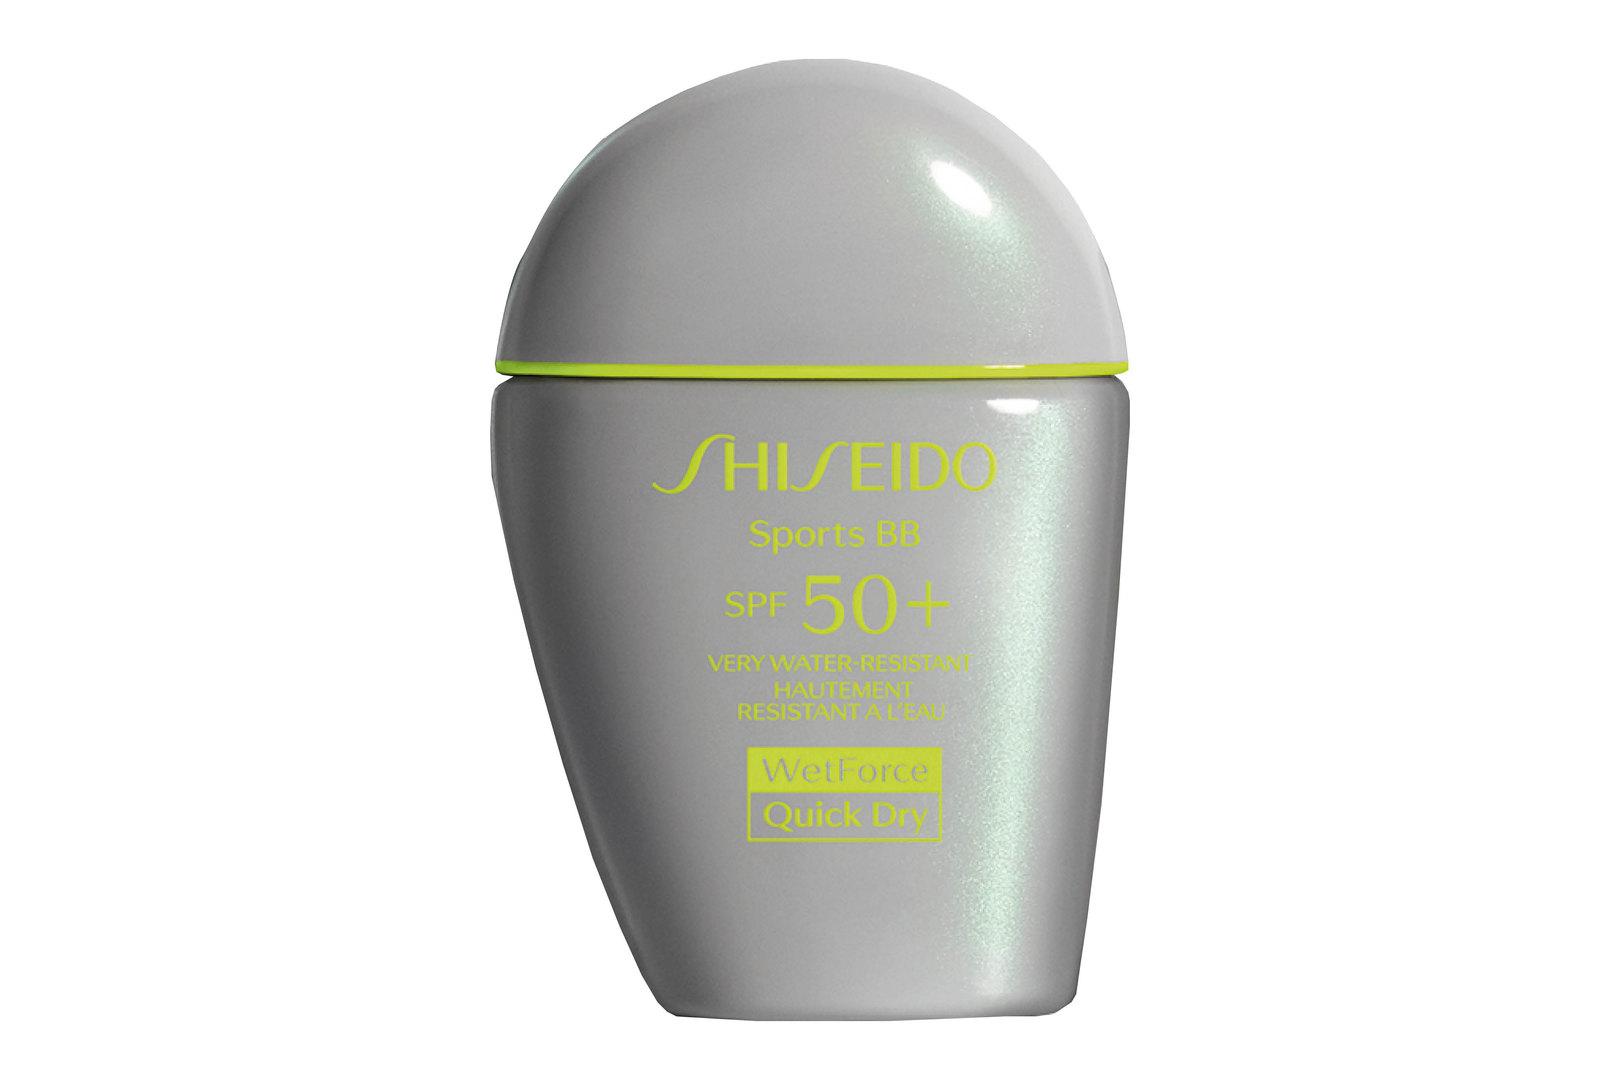 Тональный BB-крем Sports SPF 50+, Shiseido